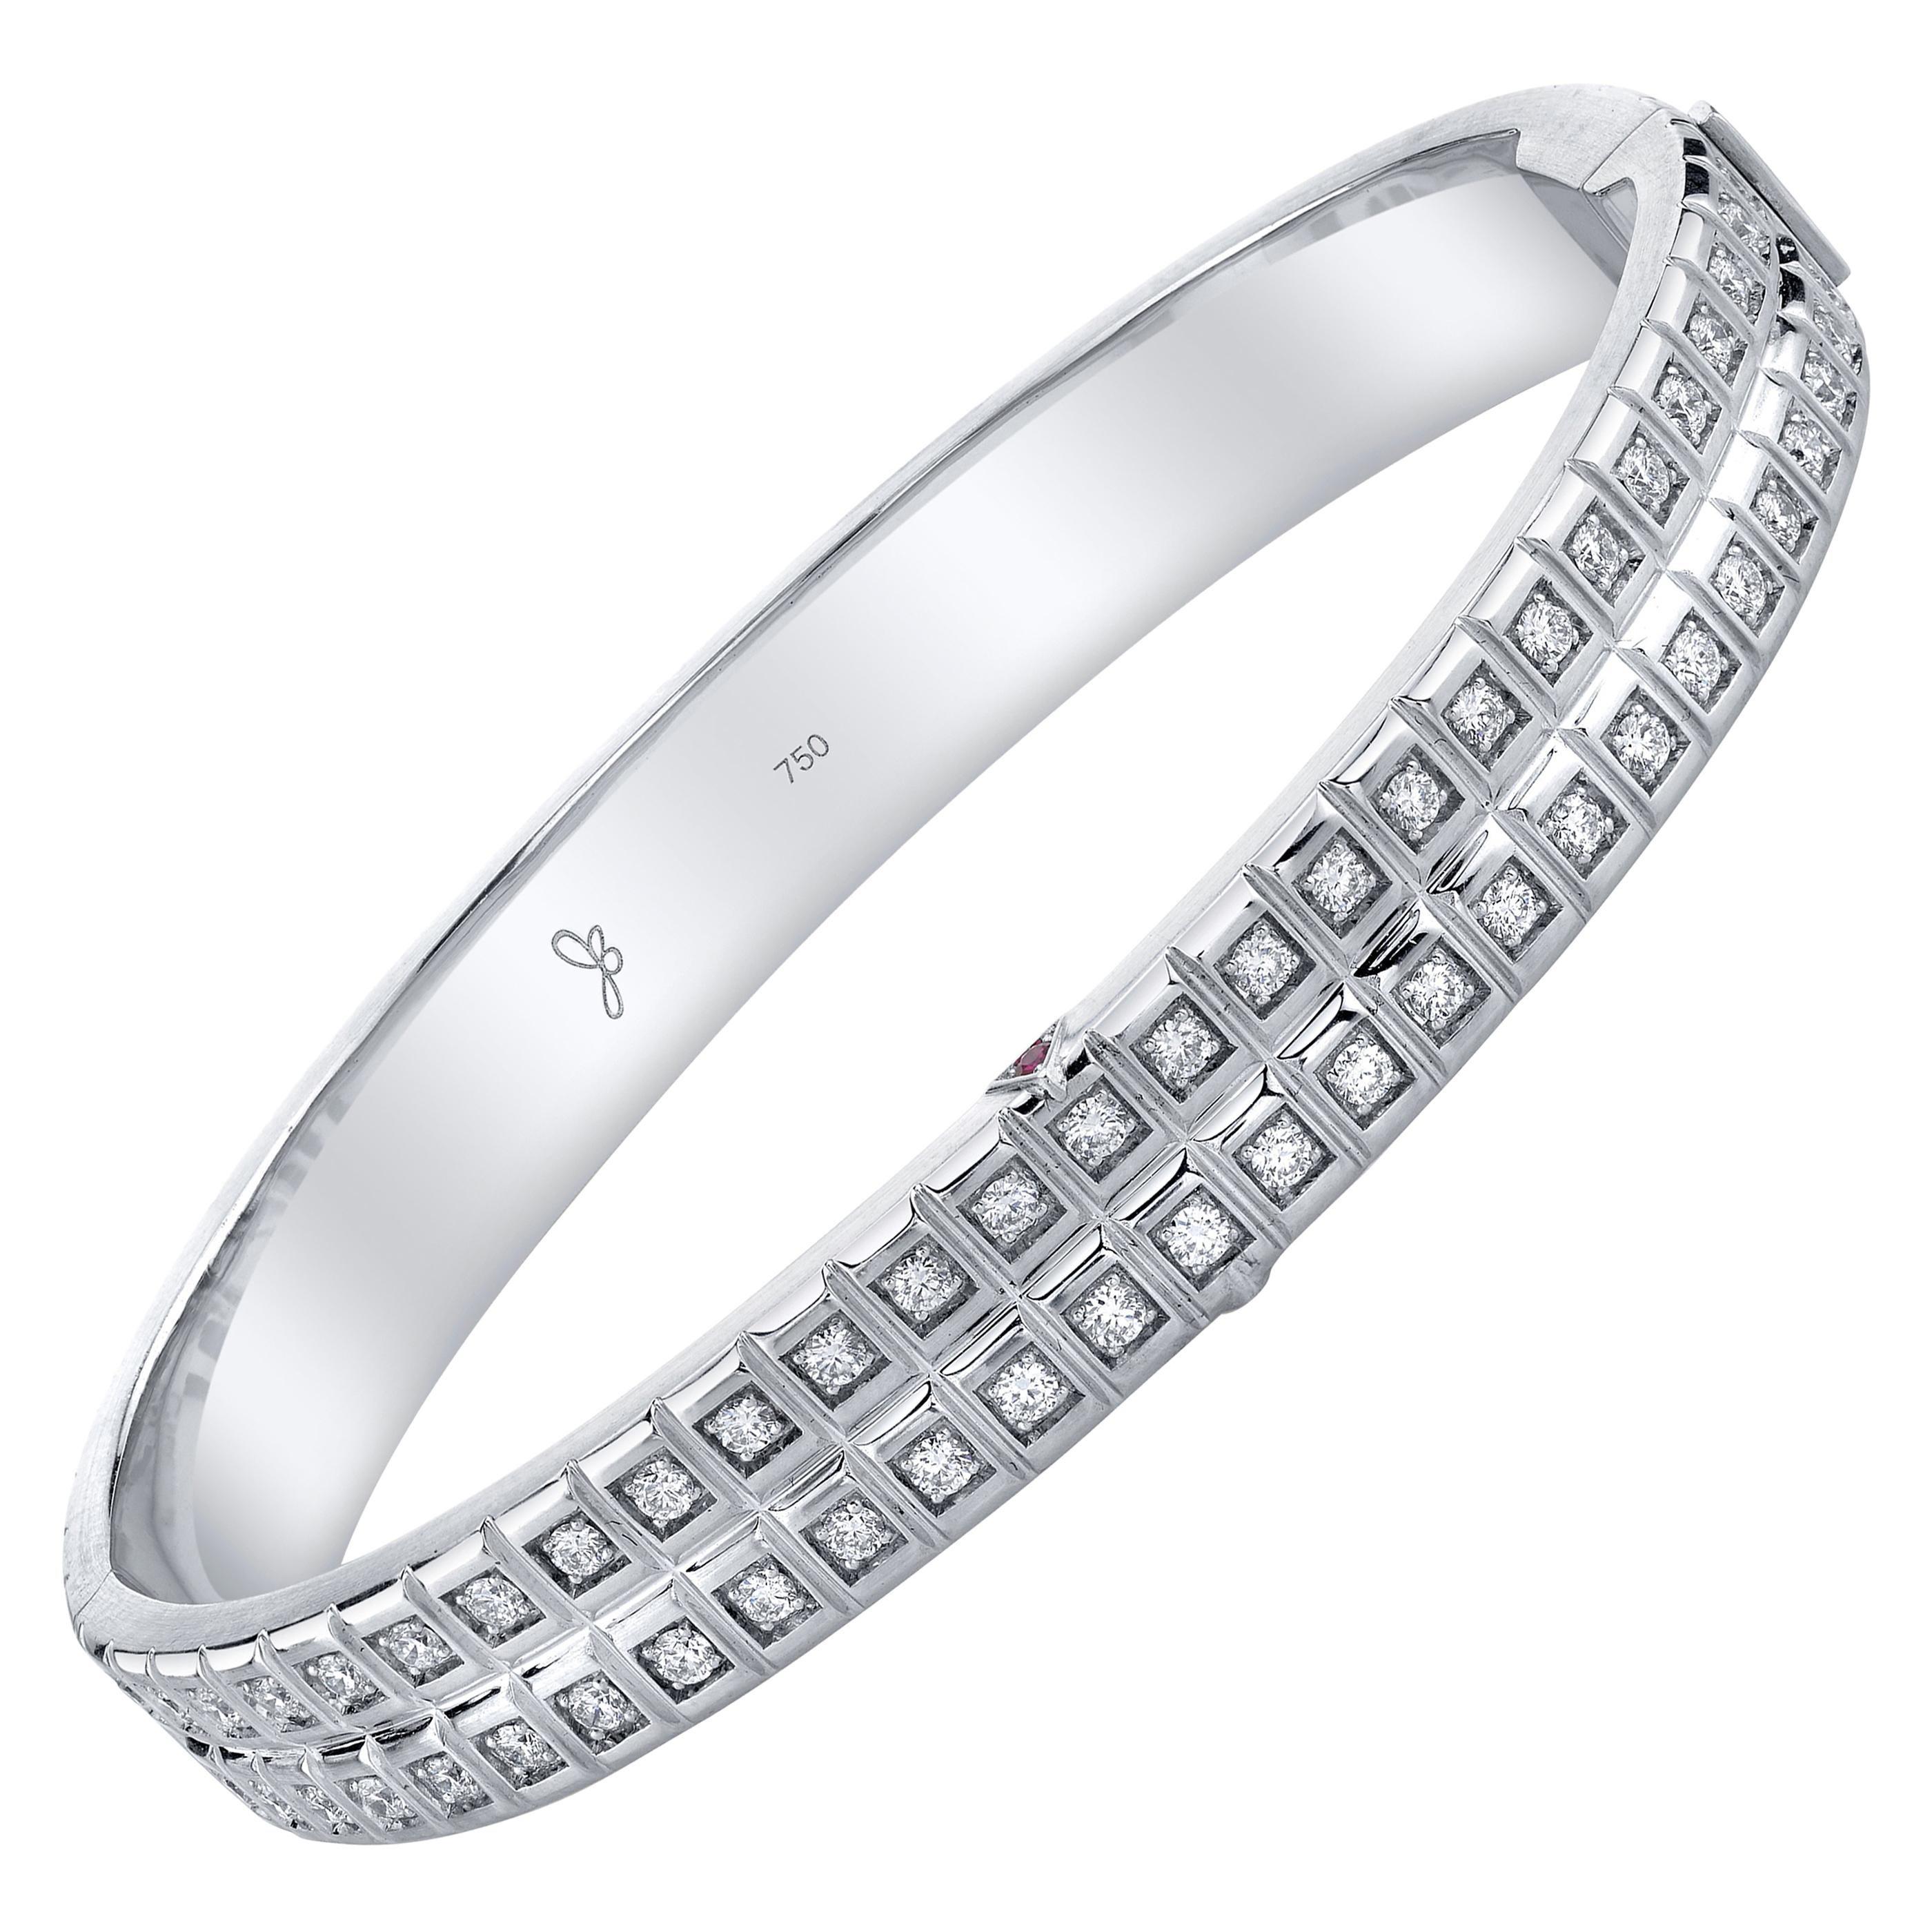 18 Karat White Gold White Diamond Double Carousel Bracelet